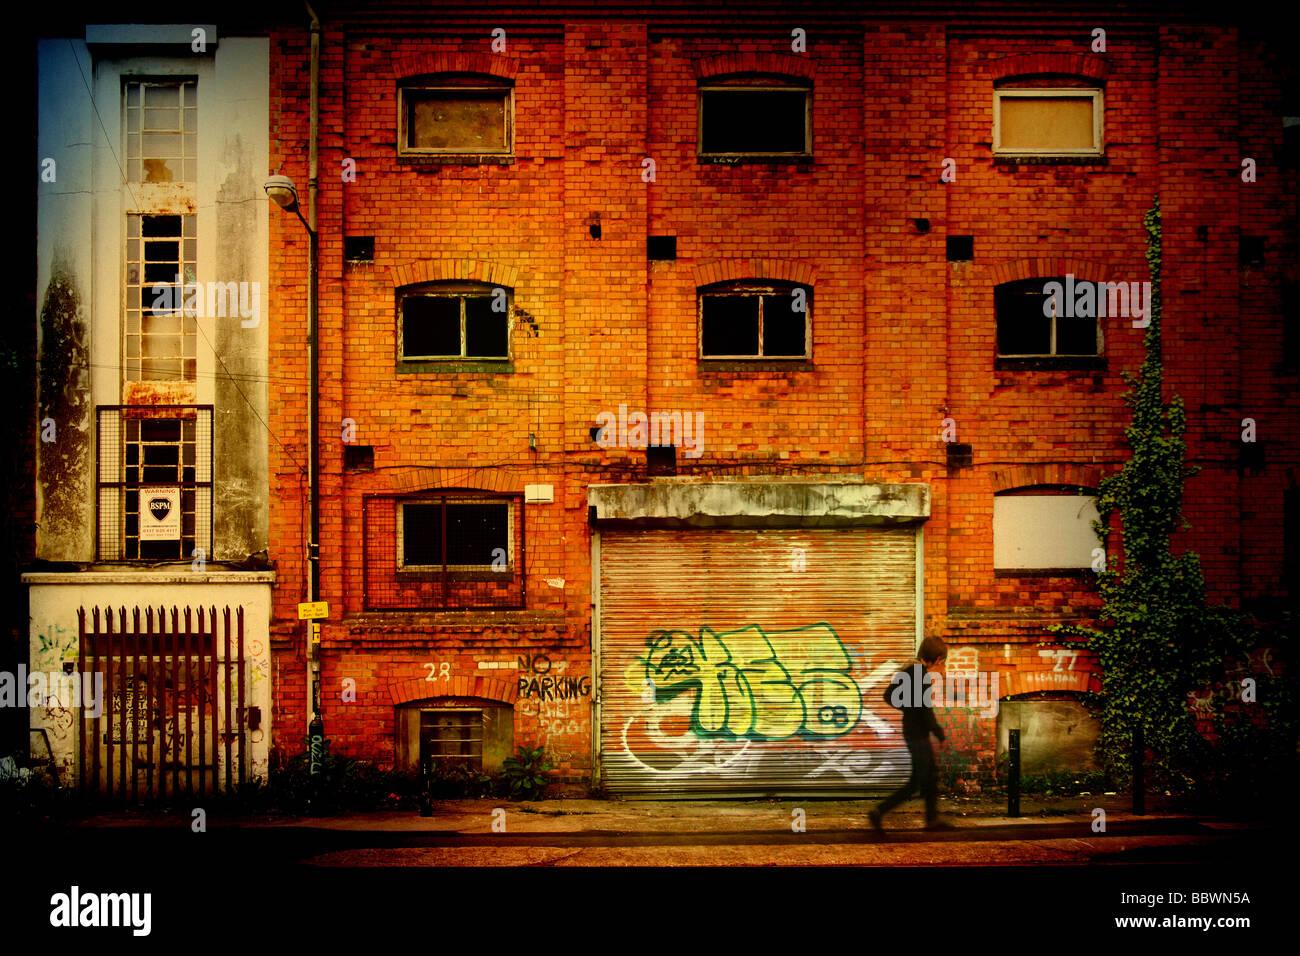 La vie de la rue en milieu urbain Photo Stock